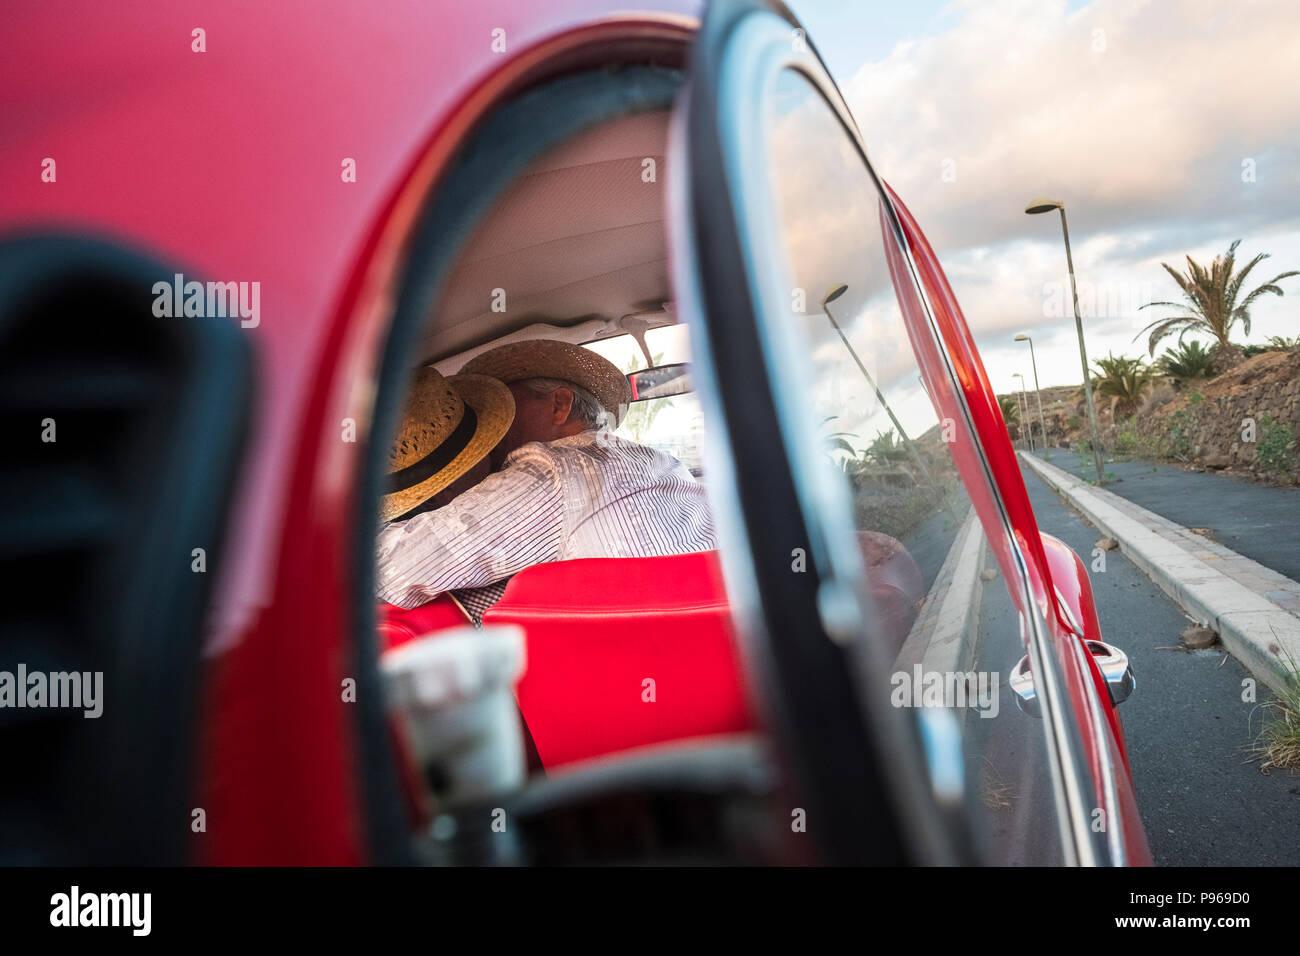 Love kiss capturée à partir d'une voiture en verre. deux l'homme et la femme s'embrasser avec amour et de célébrer une vie ensemble à jamais. Voyages et vacances. personnes enj Photo Stock